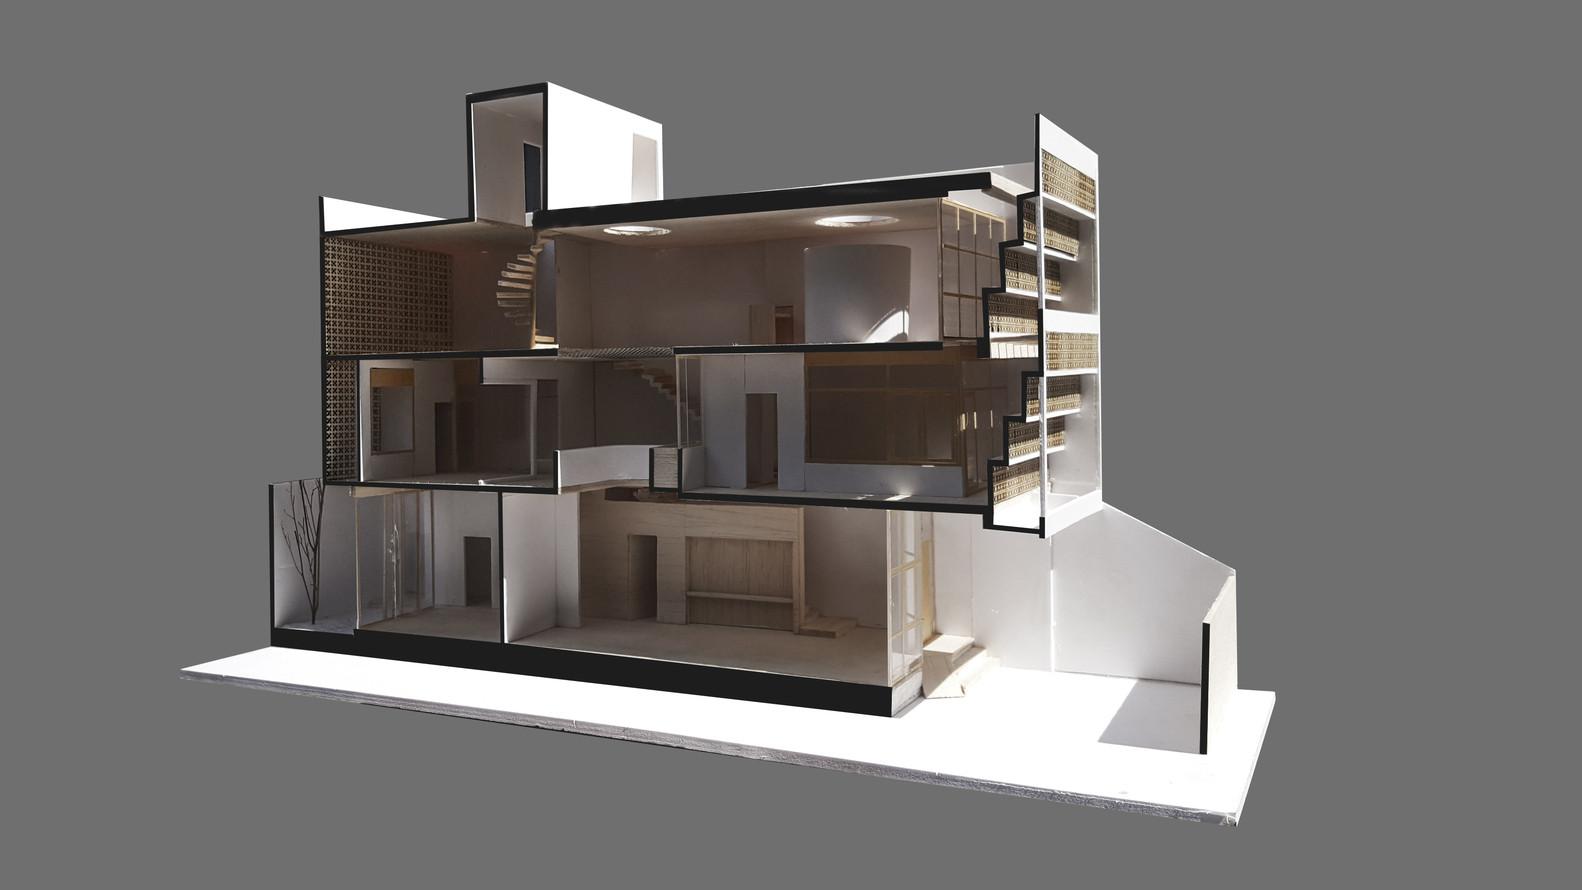 Tổng quan thiết kế 3 tầng của ngôi nhà